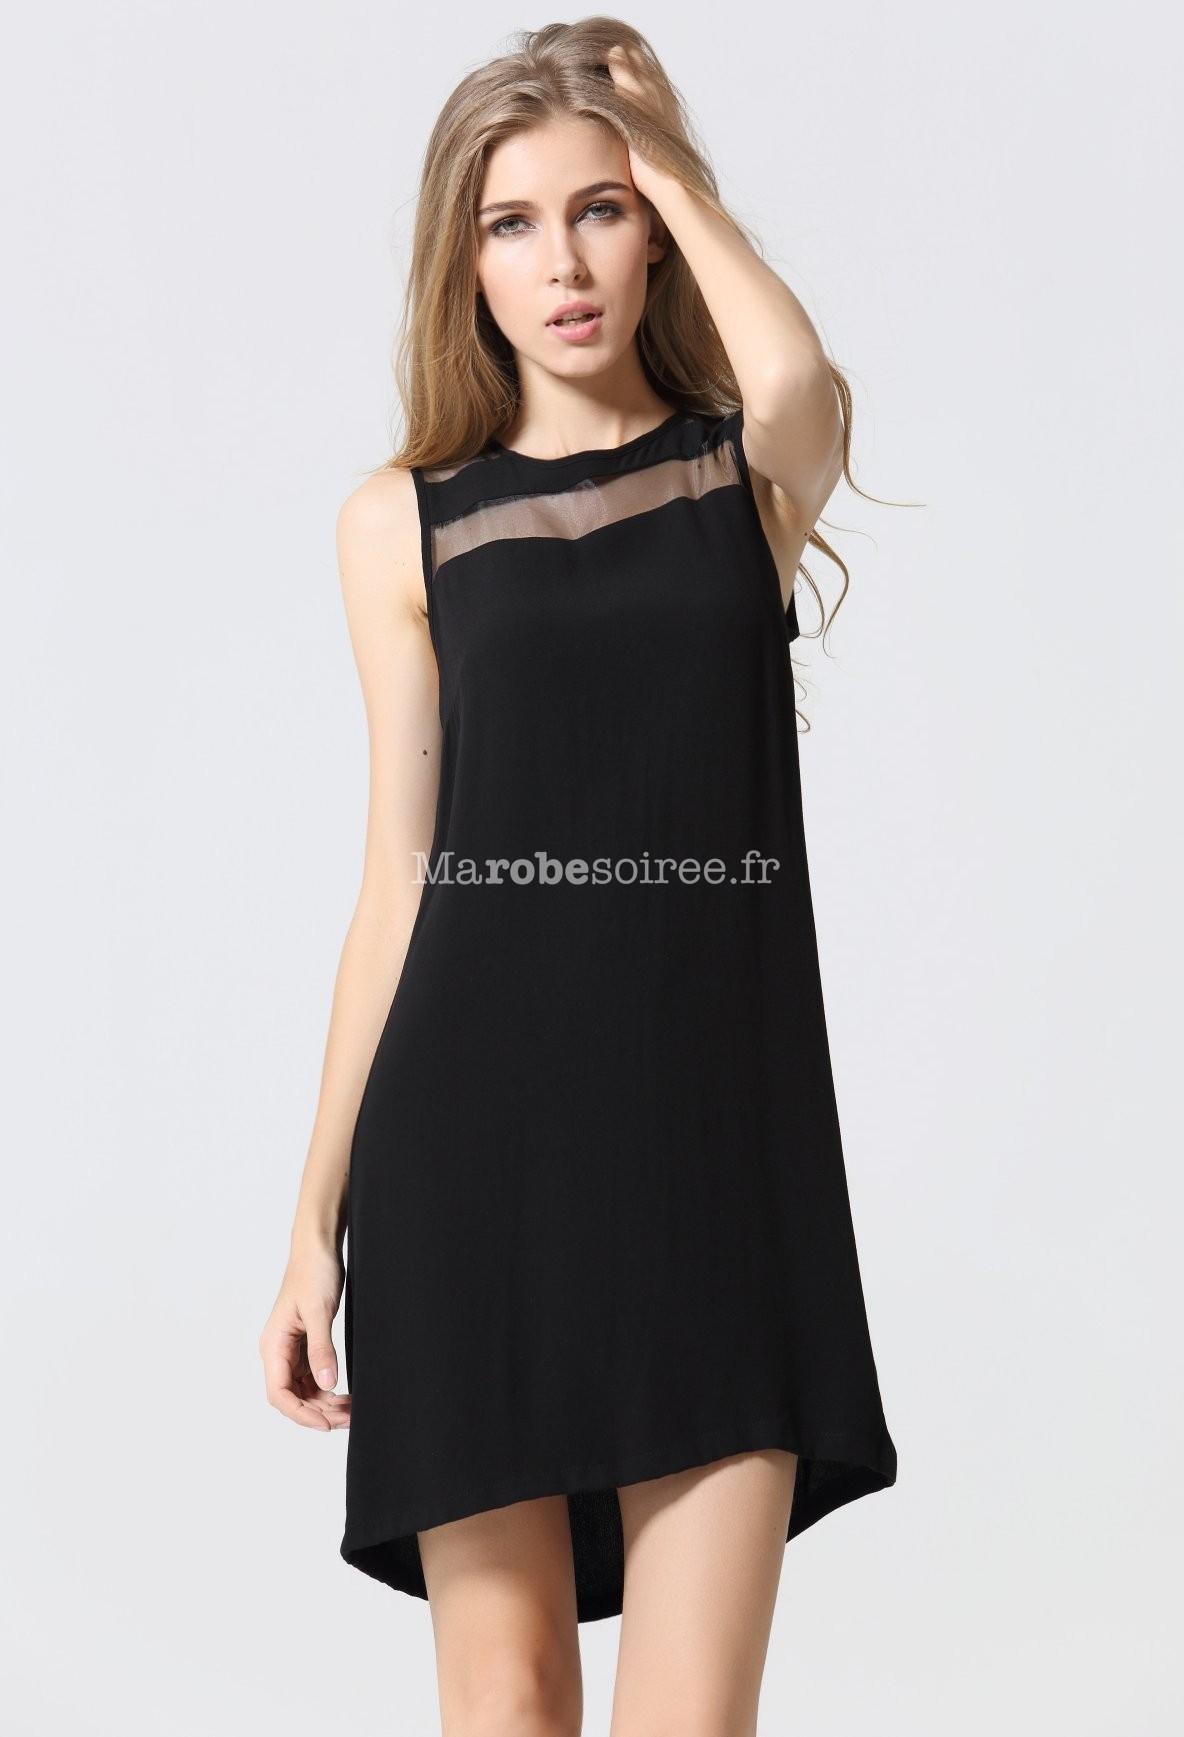 petite robe noire courte asym trique voile. Black Bedroom Furniture Sets. Home Design Ideas